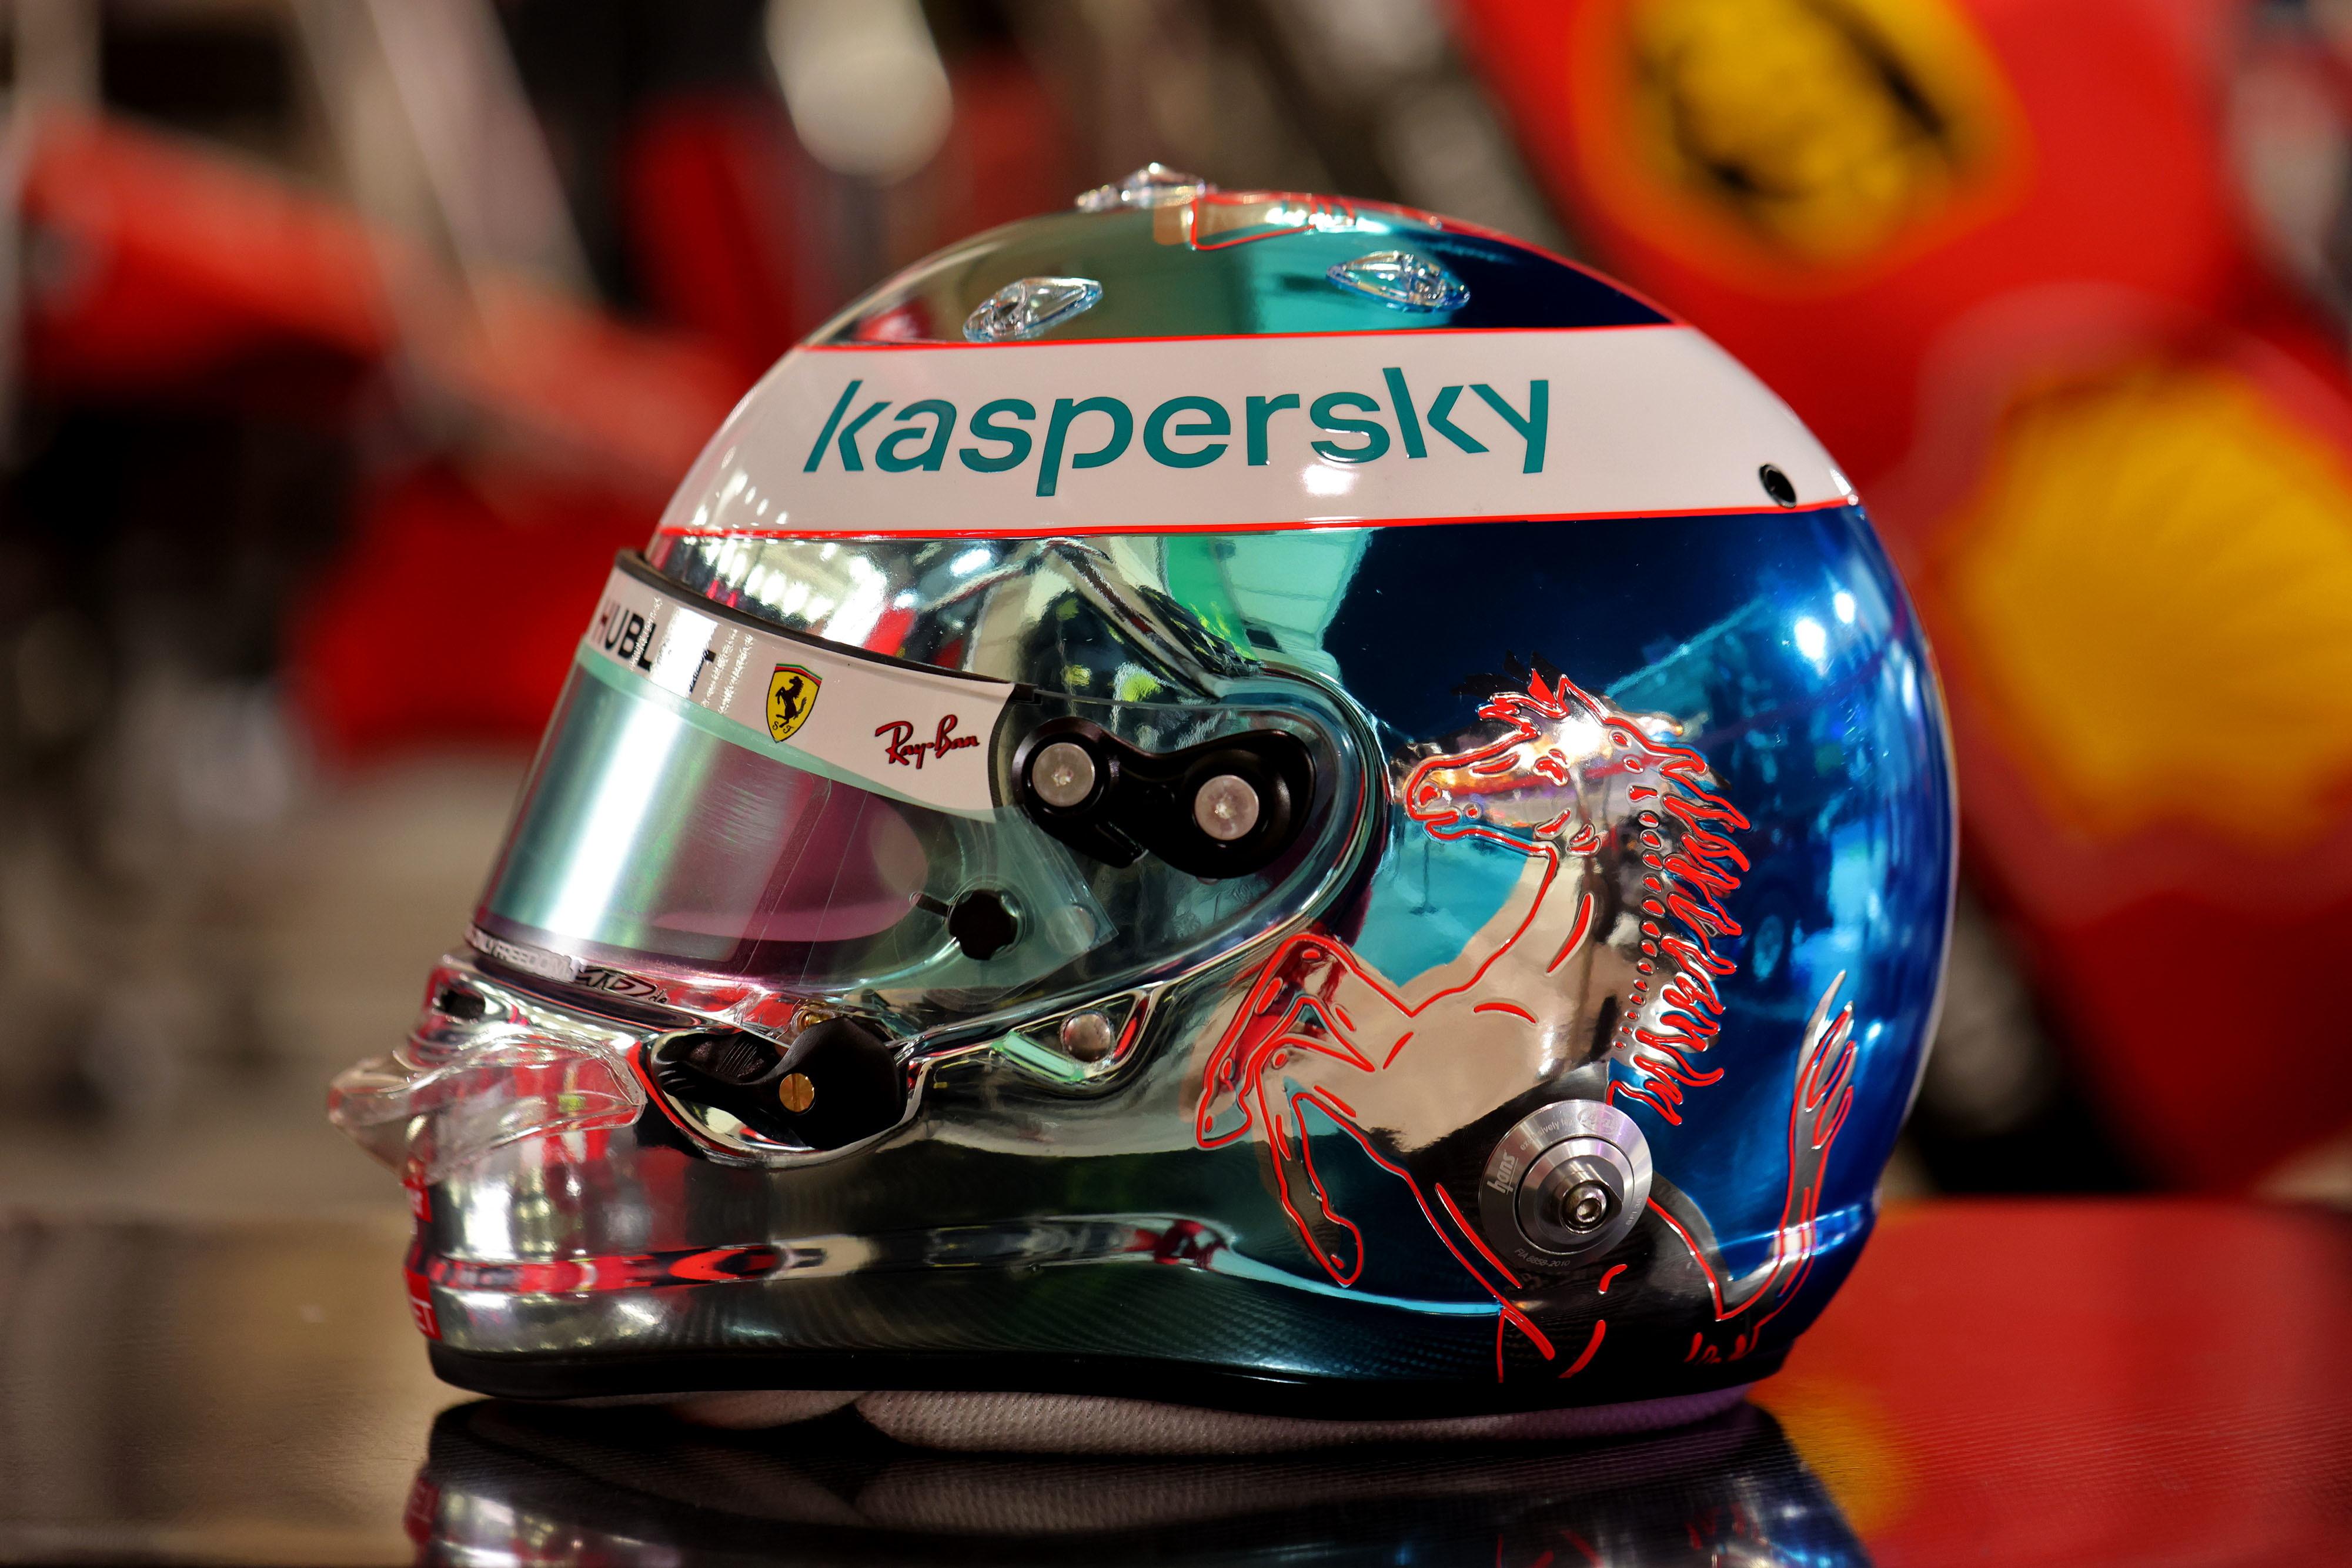 Livrea speciale per il quattro volte campione del mondo Sebastian Vettel che, in occasione dell&#39;inedito &quot;Outer track&quot; di Sakhir sfogger&agrave; un casco che mescola un blu cromato a un cavallino in rosso neon<br /><br />